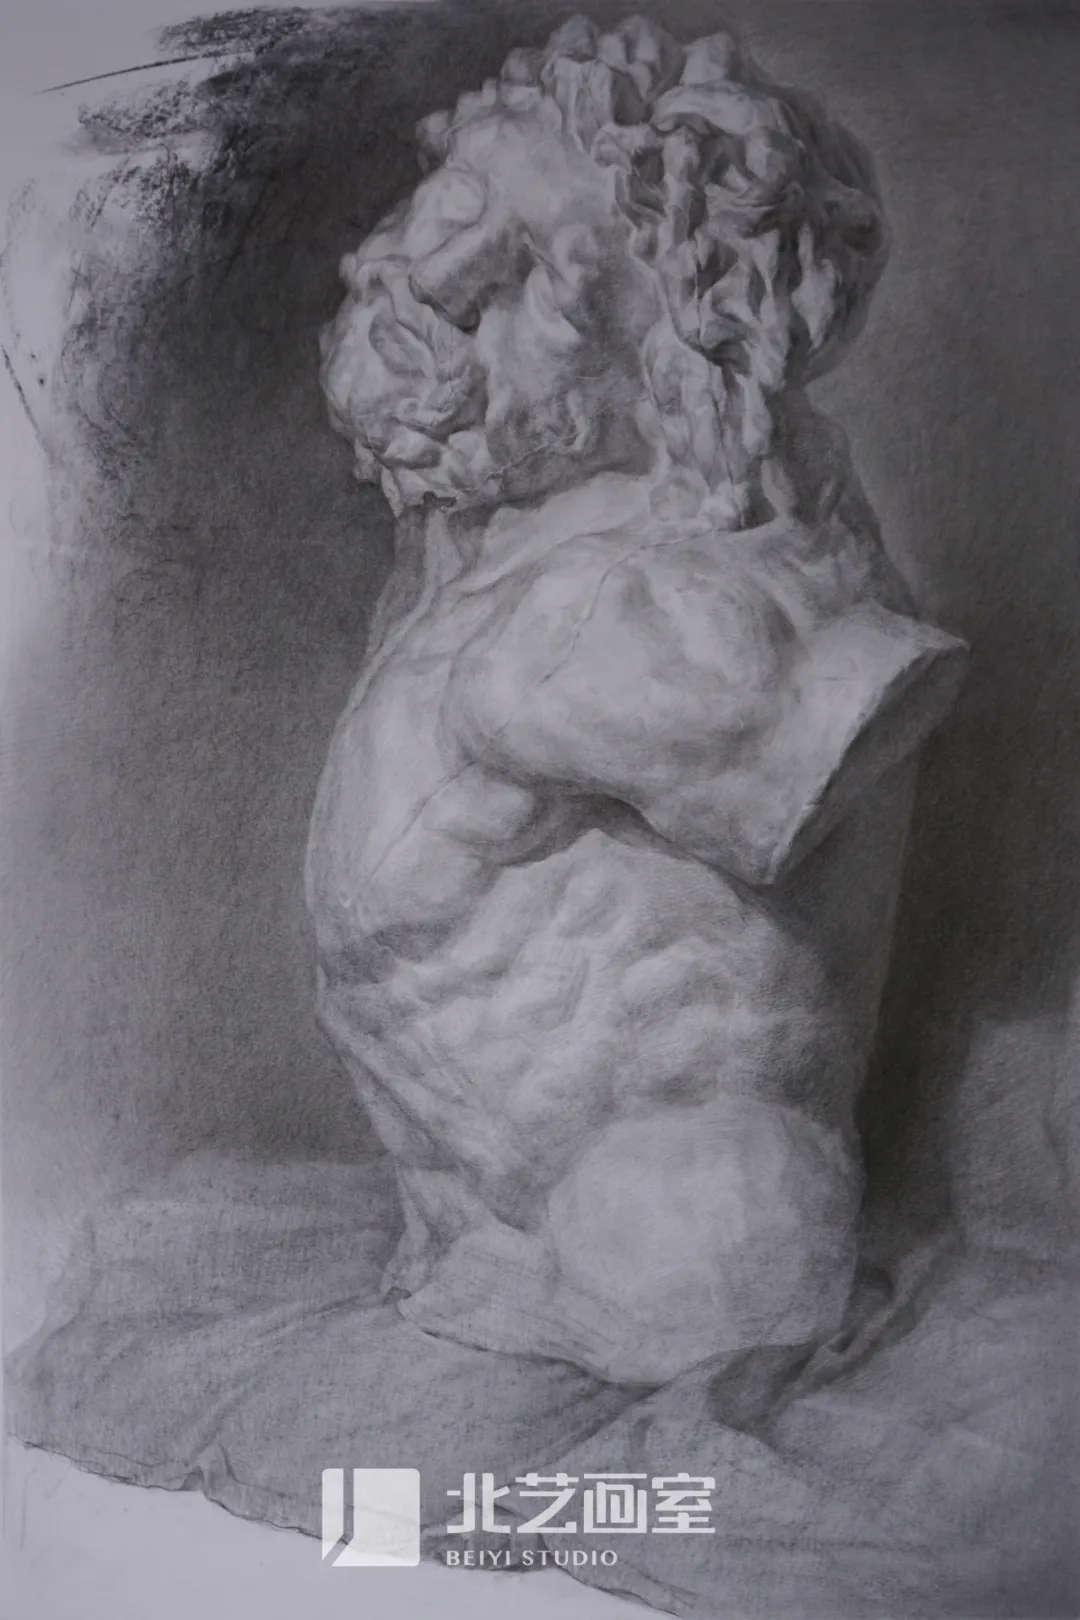 素描石膏像作品赏析——拉奥孔侧门